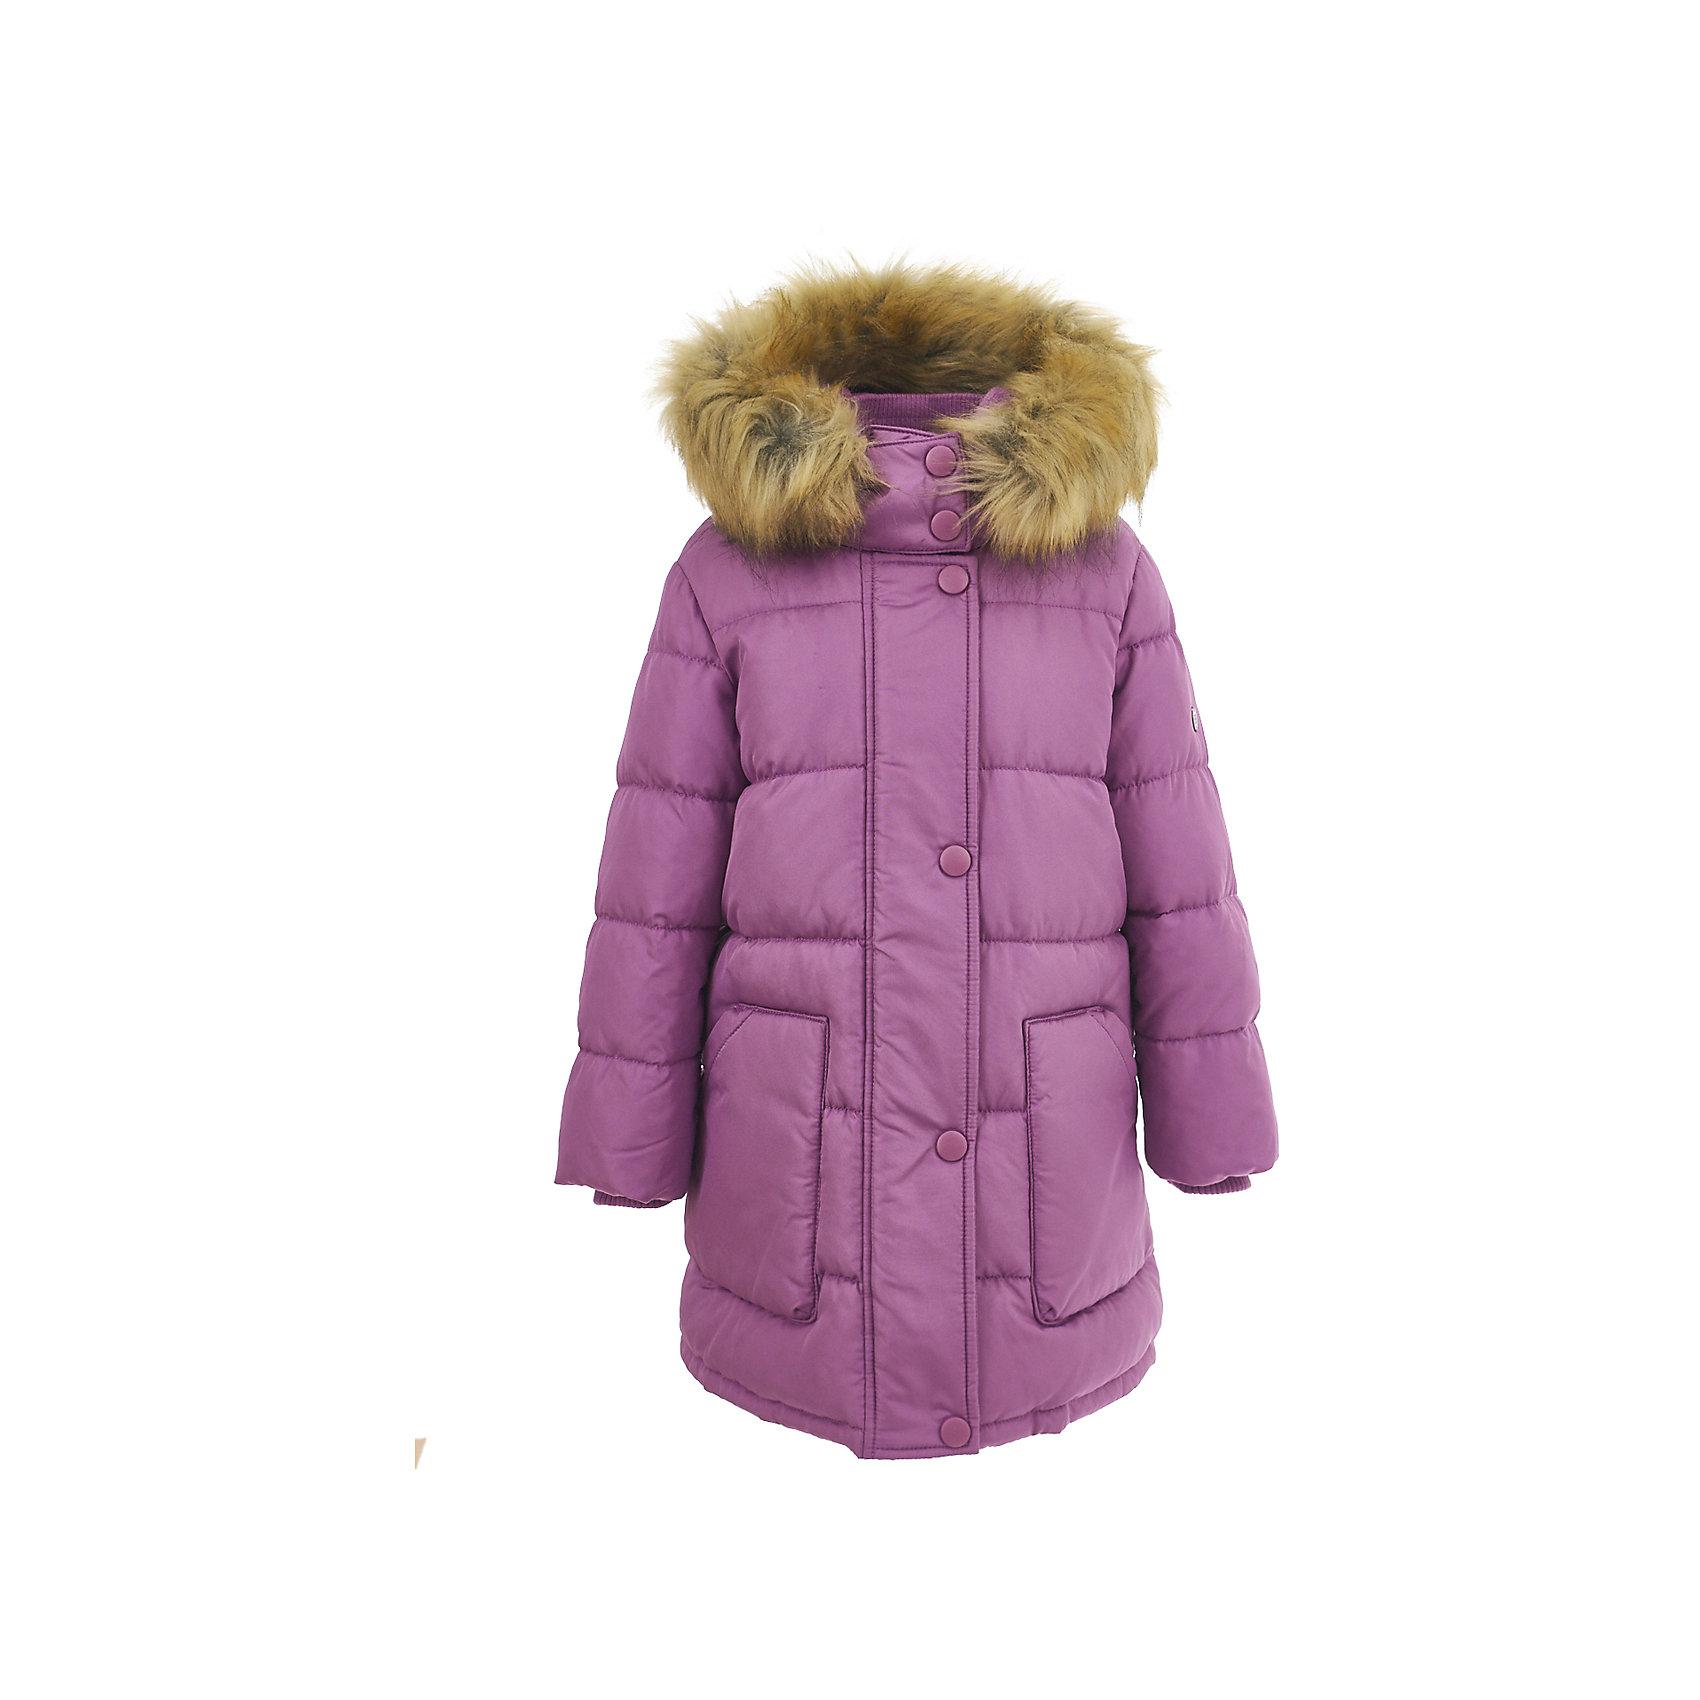 Полупальто BUTTON BLUE для девочкиВерхняя одежда<br>Полупальто BUTTON BLUE для девочки<br>Стильное зимнее пальто для девочек - залог хорошего настроения в морозный день! Классное детское пальто по оптимальной цене принесет удовольствие от покупки! К тому же, недорогое пальто - не значит скучное! Красивый цвет, модный силуэт, динамичная горизонтальная стежка, крупные детали обеспечивают пальто прекрасный внешний вид! Внутренняя утяжка создает надежную защиту от ветра. Если Вы хотите купить зимнее пальто и не сомневаться в его качестве и комфорте, детское пальто от Button Blue - отличный  вариант!<br>Состав:<br>100% полиэстер               Подкладка: 100% полиэстер (флис)/100% полиэстер  Утеплитель 100% полиэстер (fake down) мех: искусственный<br><br>Ширина мм: 356<br>Глубина мм: 10<br>Высота мм: 245<br>Вес г: 519<br>Цвет: лиловый<br>Возраст от месяцев: 24<br>Возраст до месяцев: 36<br>Пол: Женский<br>Возраст: Детский<br>Размер: 98,146,152,104,110,116,122,128,158,134,140<br>SKU: 7037993